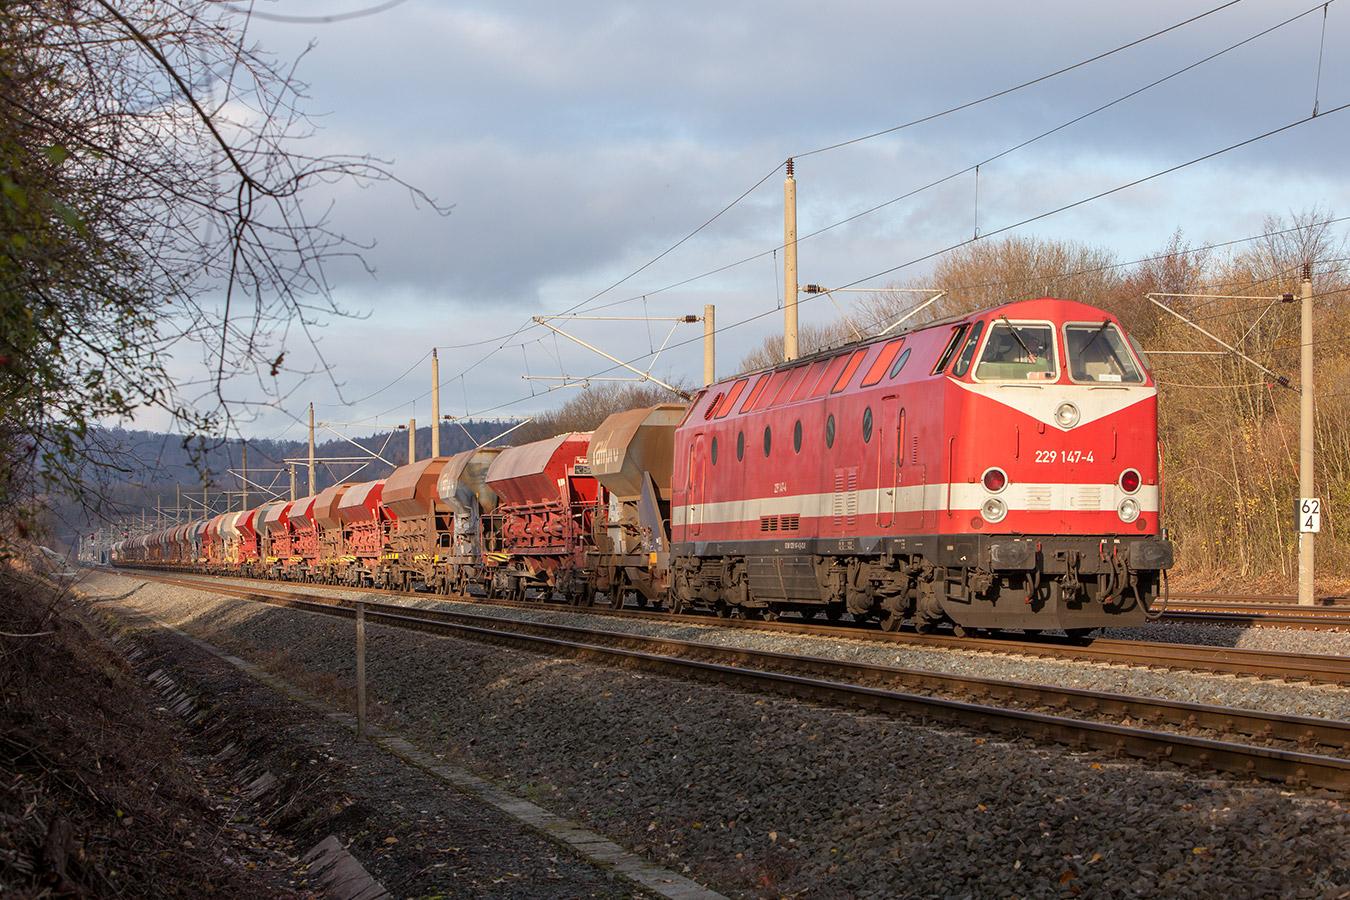 http://www.lammetalbahn.de/extra/dso/20191130-141537-IMG_2563-5D2.jpg